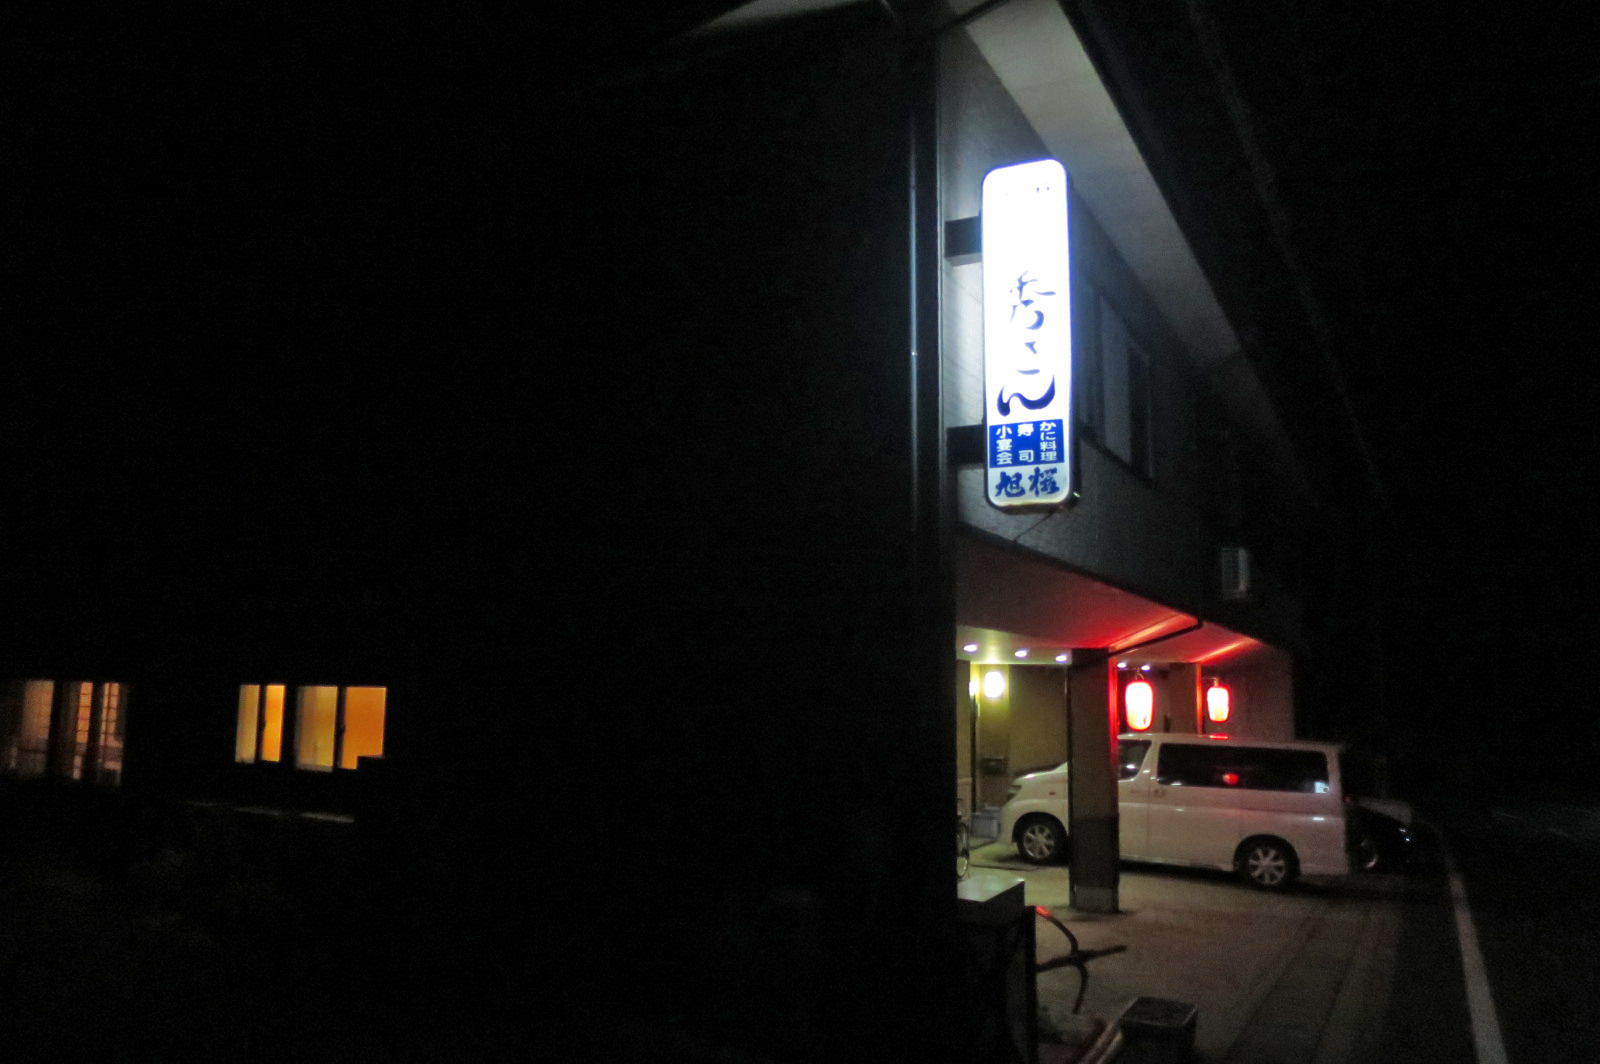 宇川温泉のレストランが閉店していたので、近くの居酒屋「秀ちゃん」に寄ってみました。